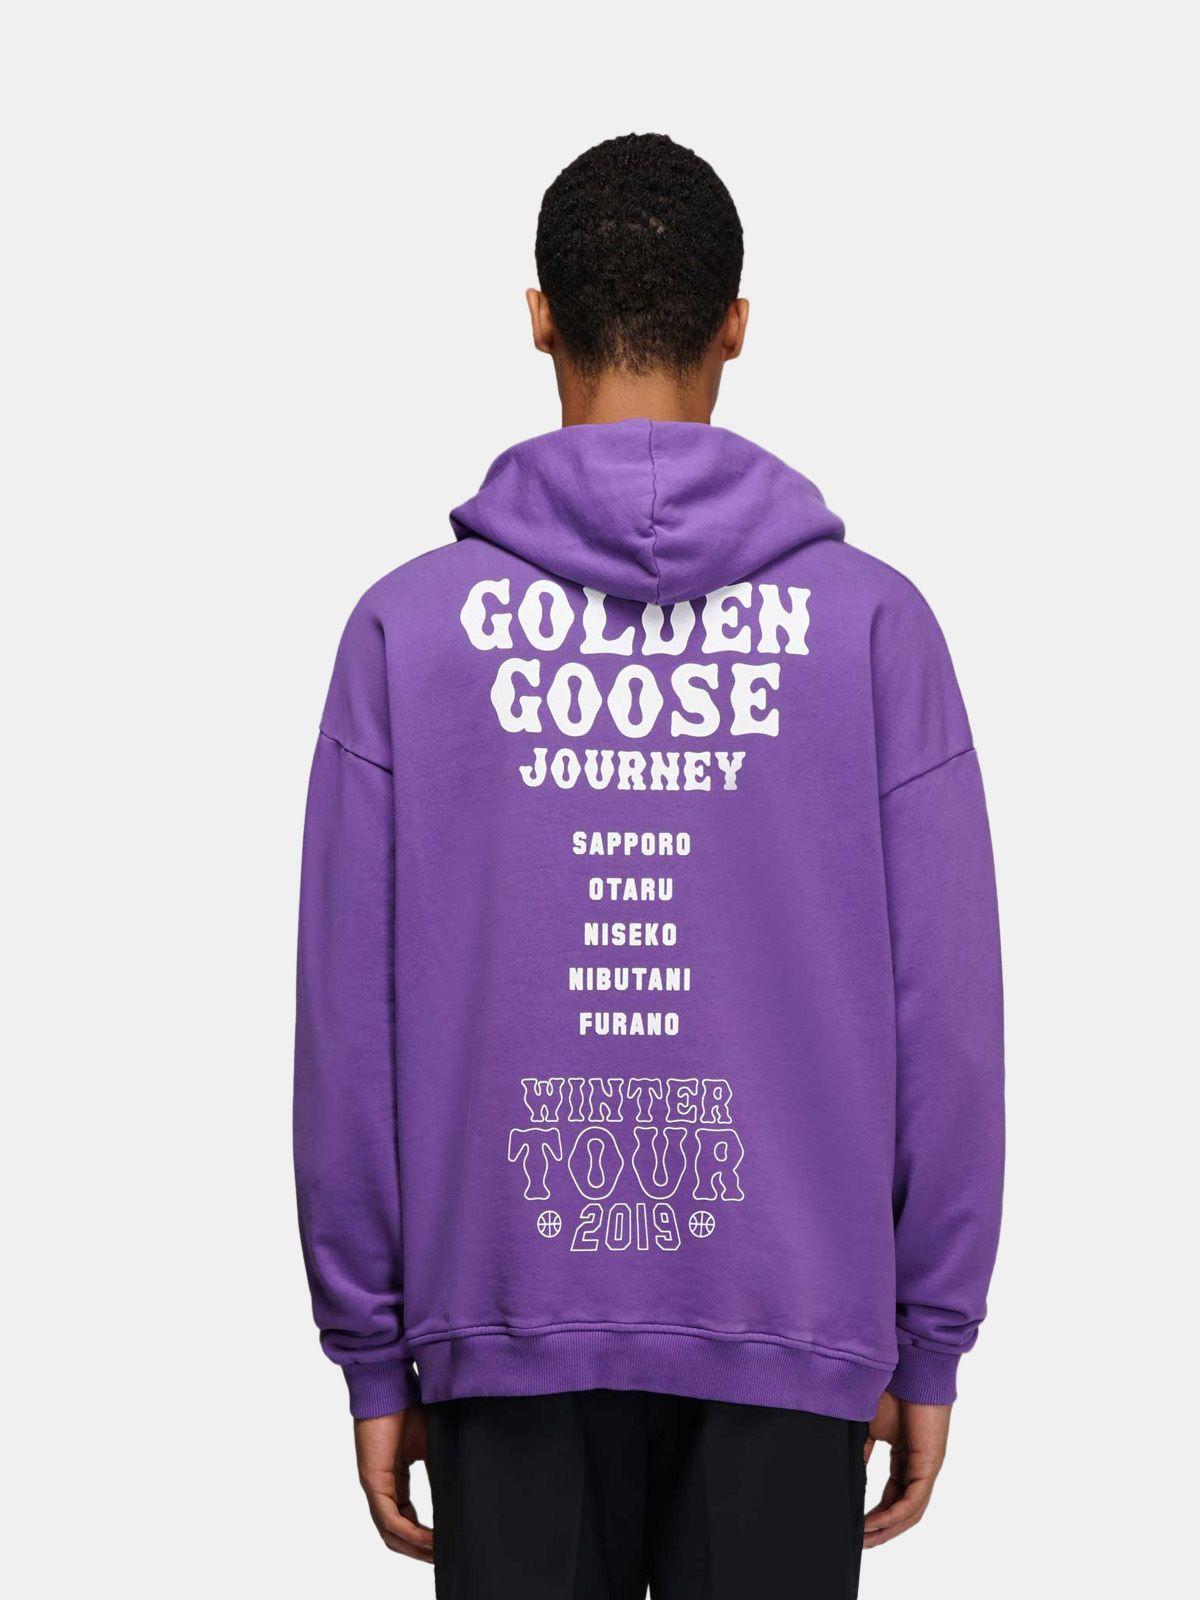 Golden Goose - Hokkaido Travel Guide sweatshirt in